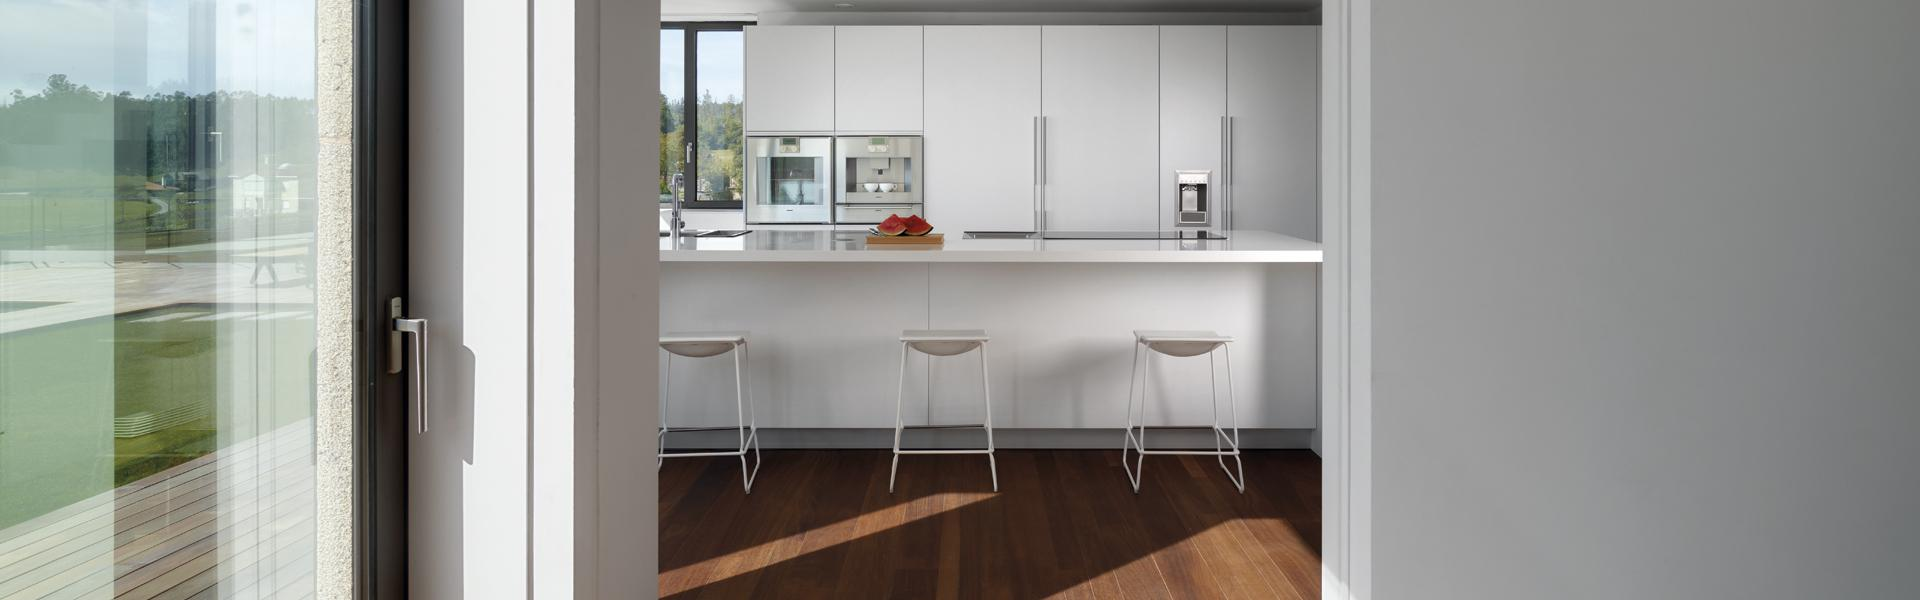 top_santos-cocinas-intra-lacado-estetica-tendencia